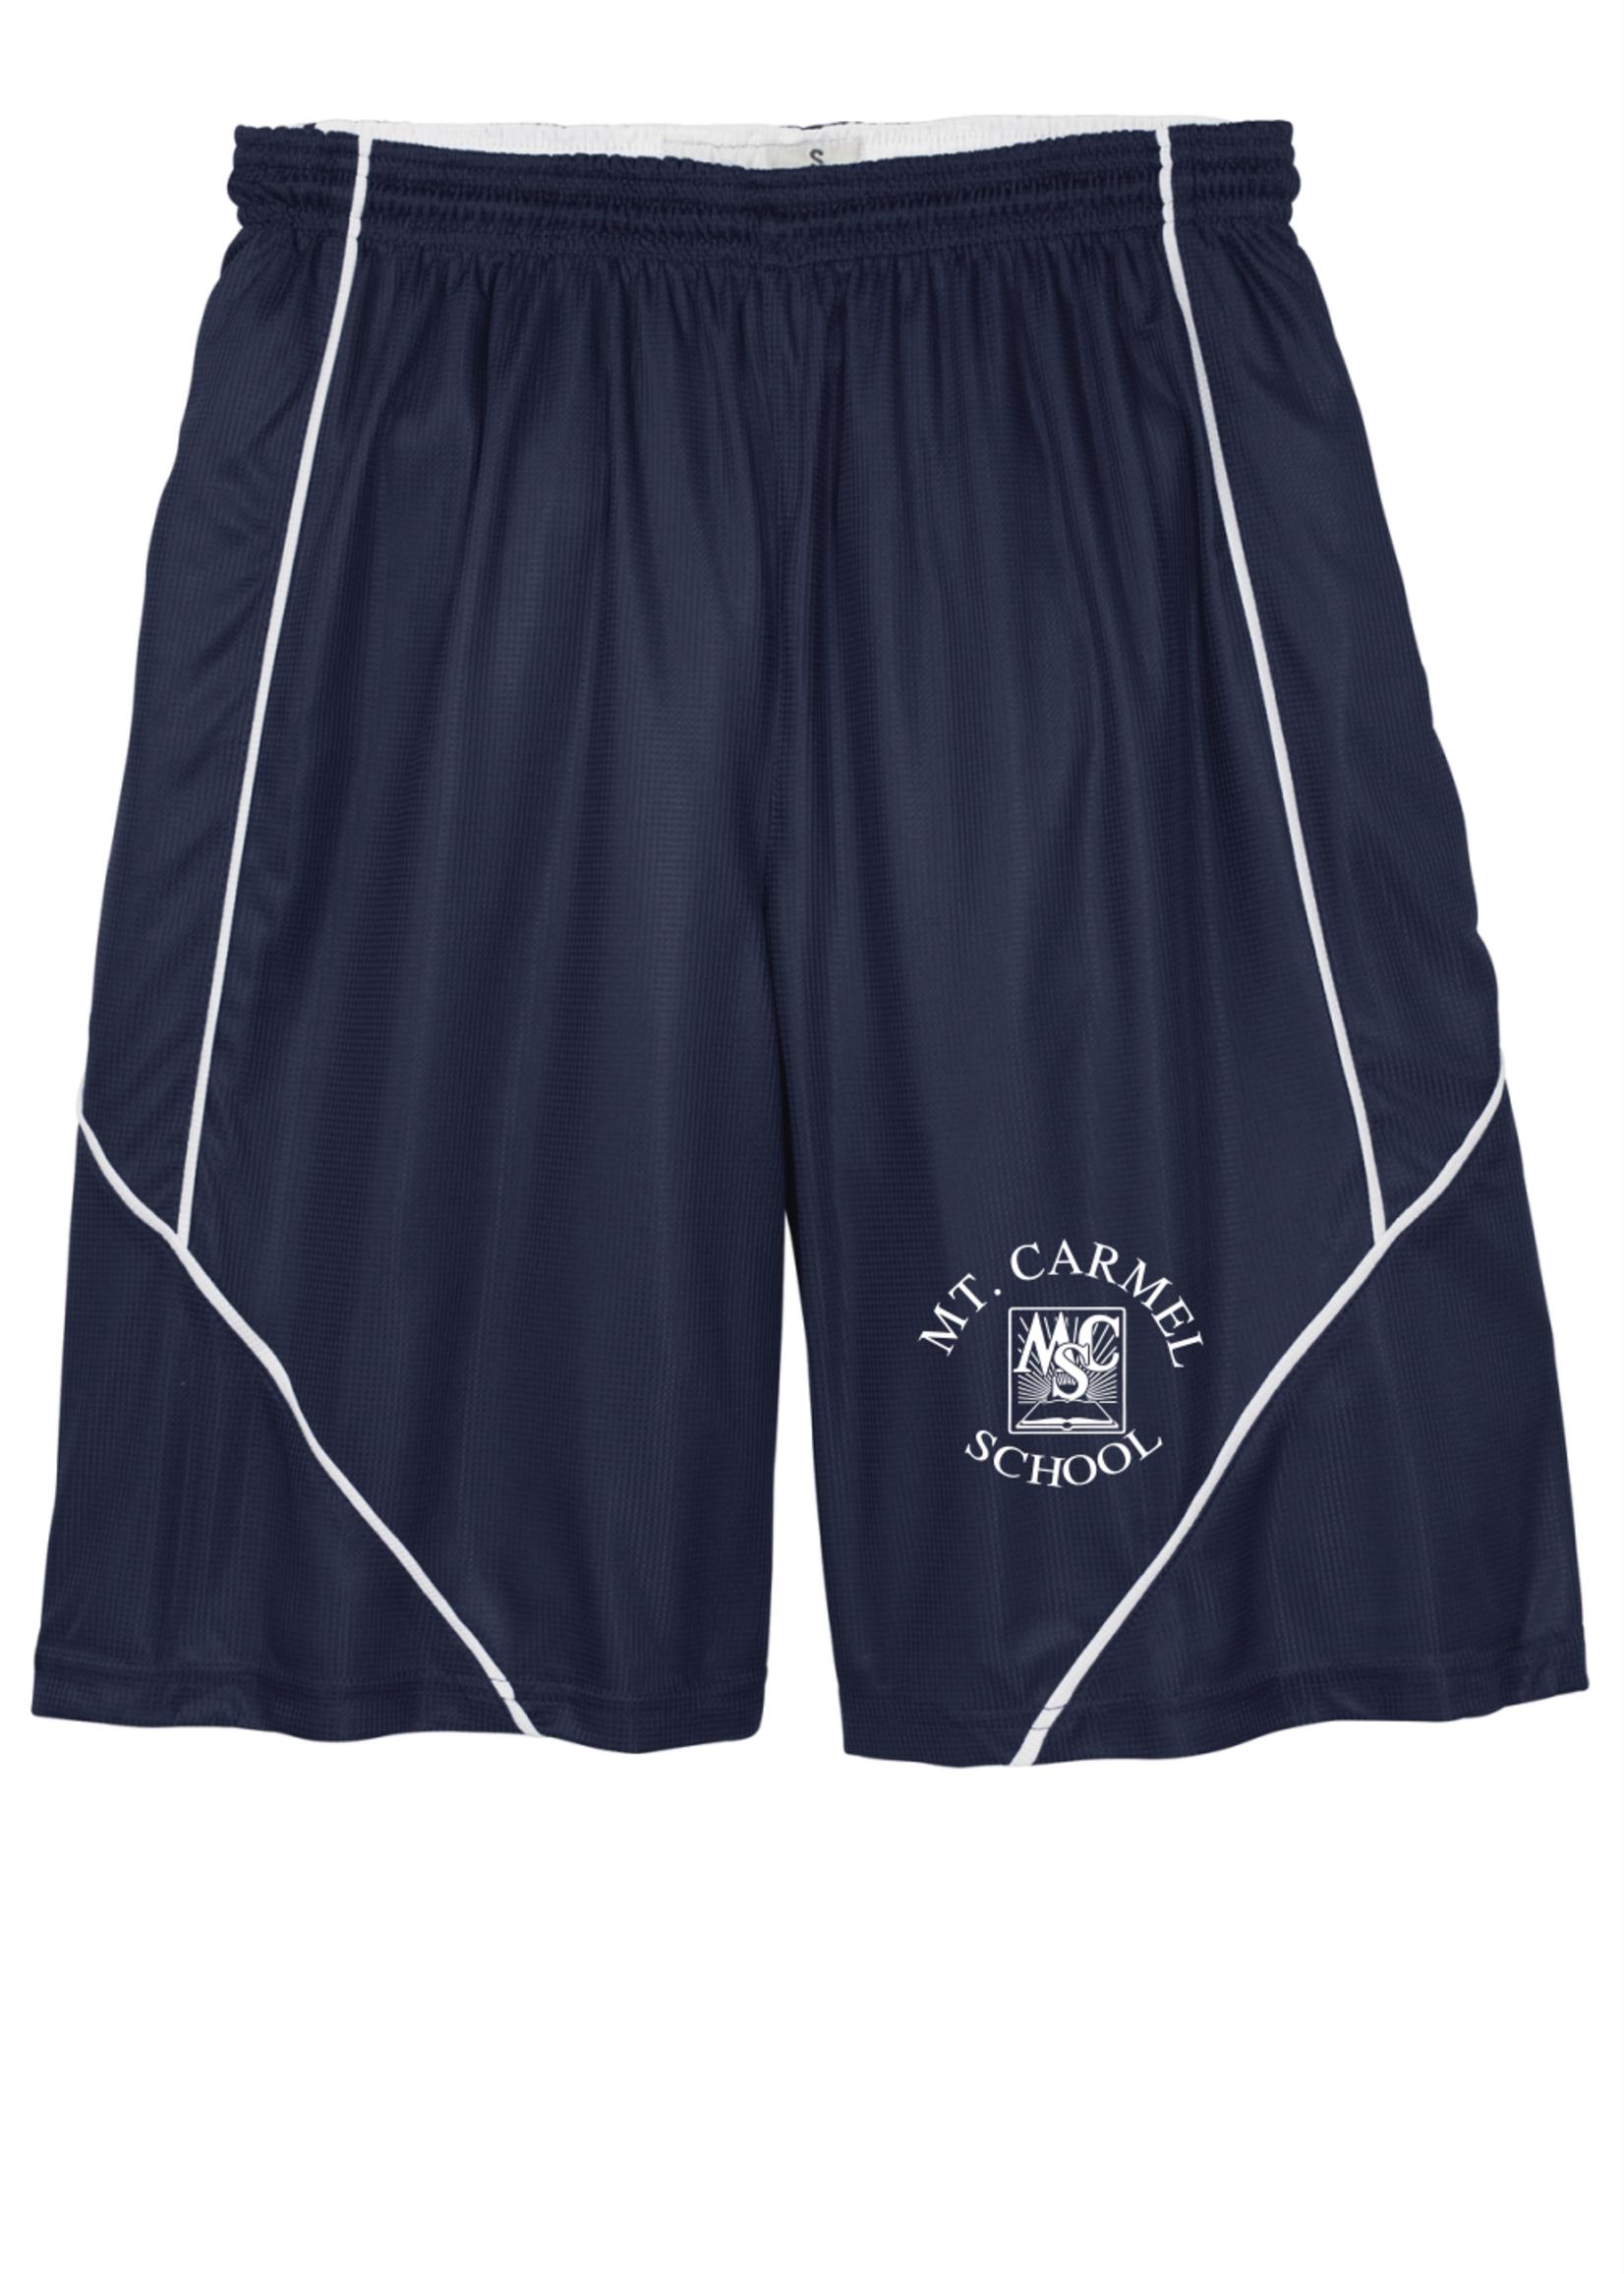 OLMCS Navy Reversable Shorts